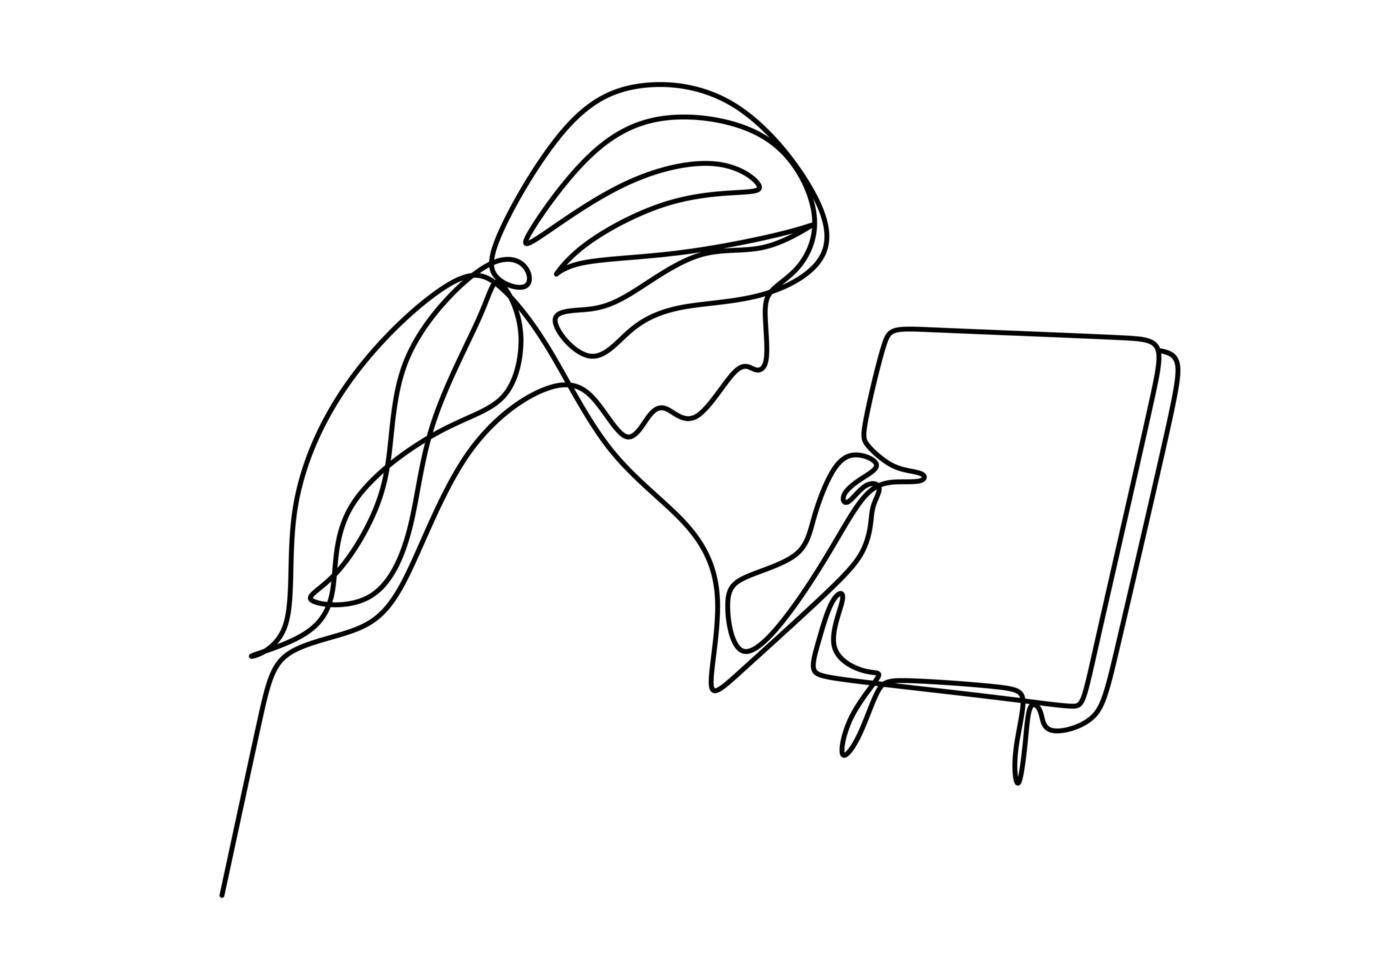 un unico disegno continuo. una ragazza dipinto su tela, illustrazione vettoriale, isolato su sfondo bianco. vettore